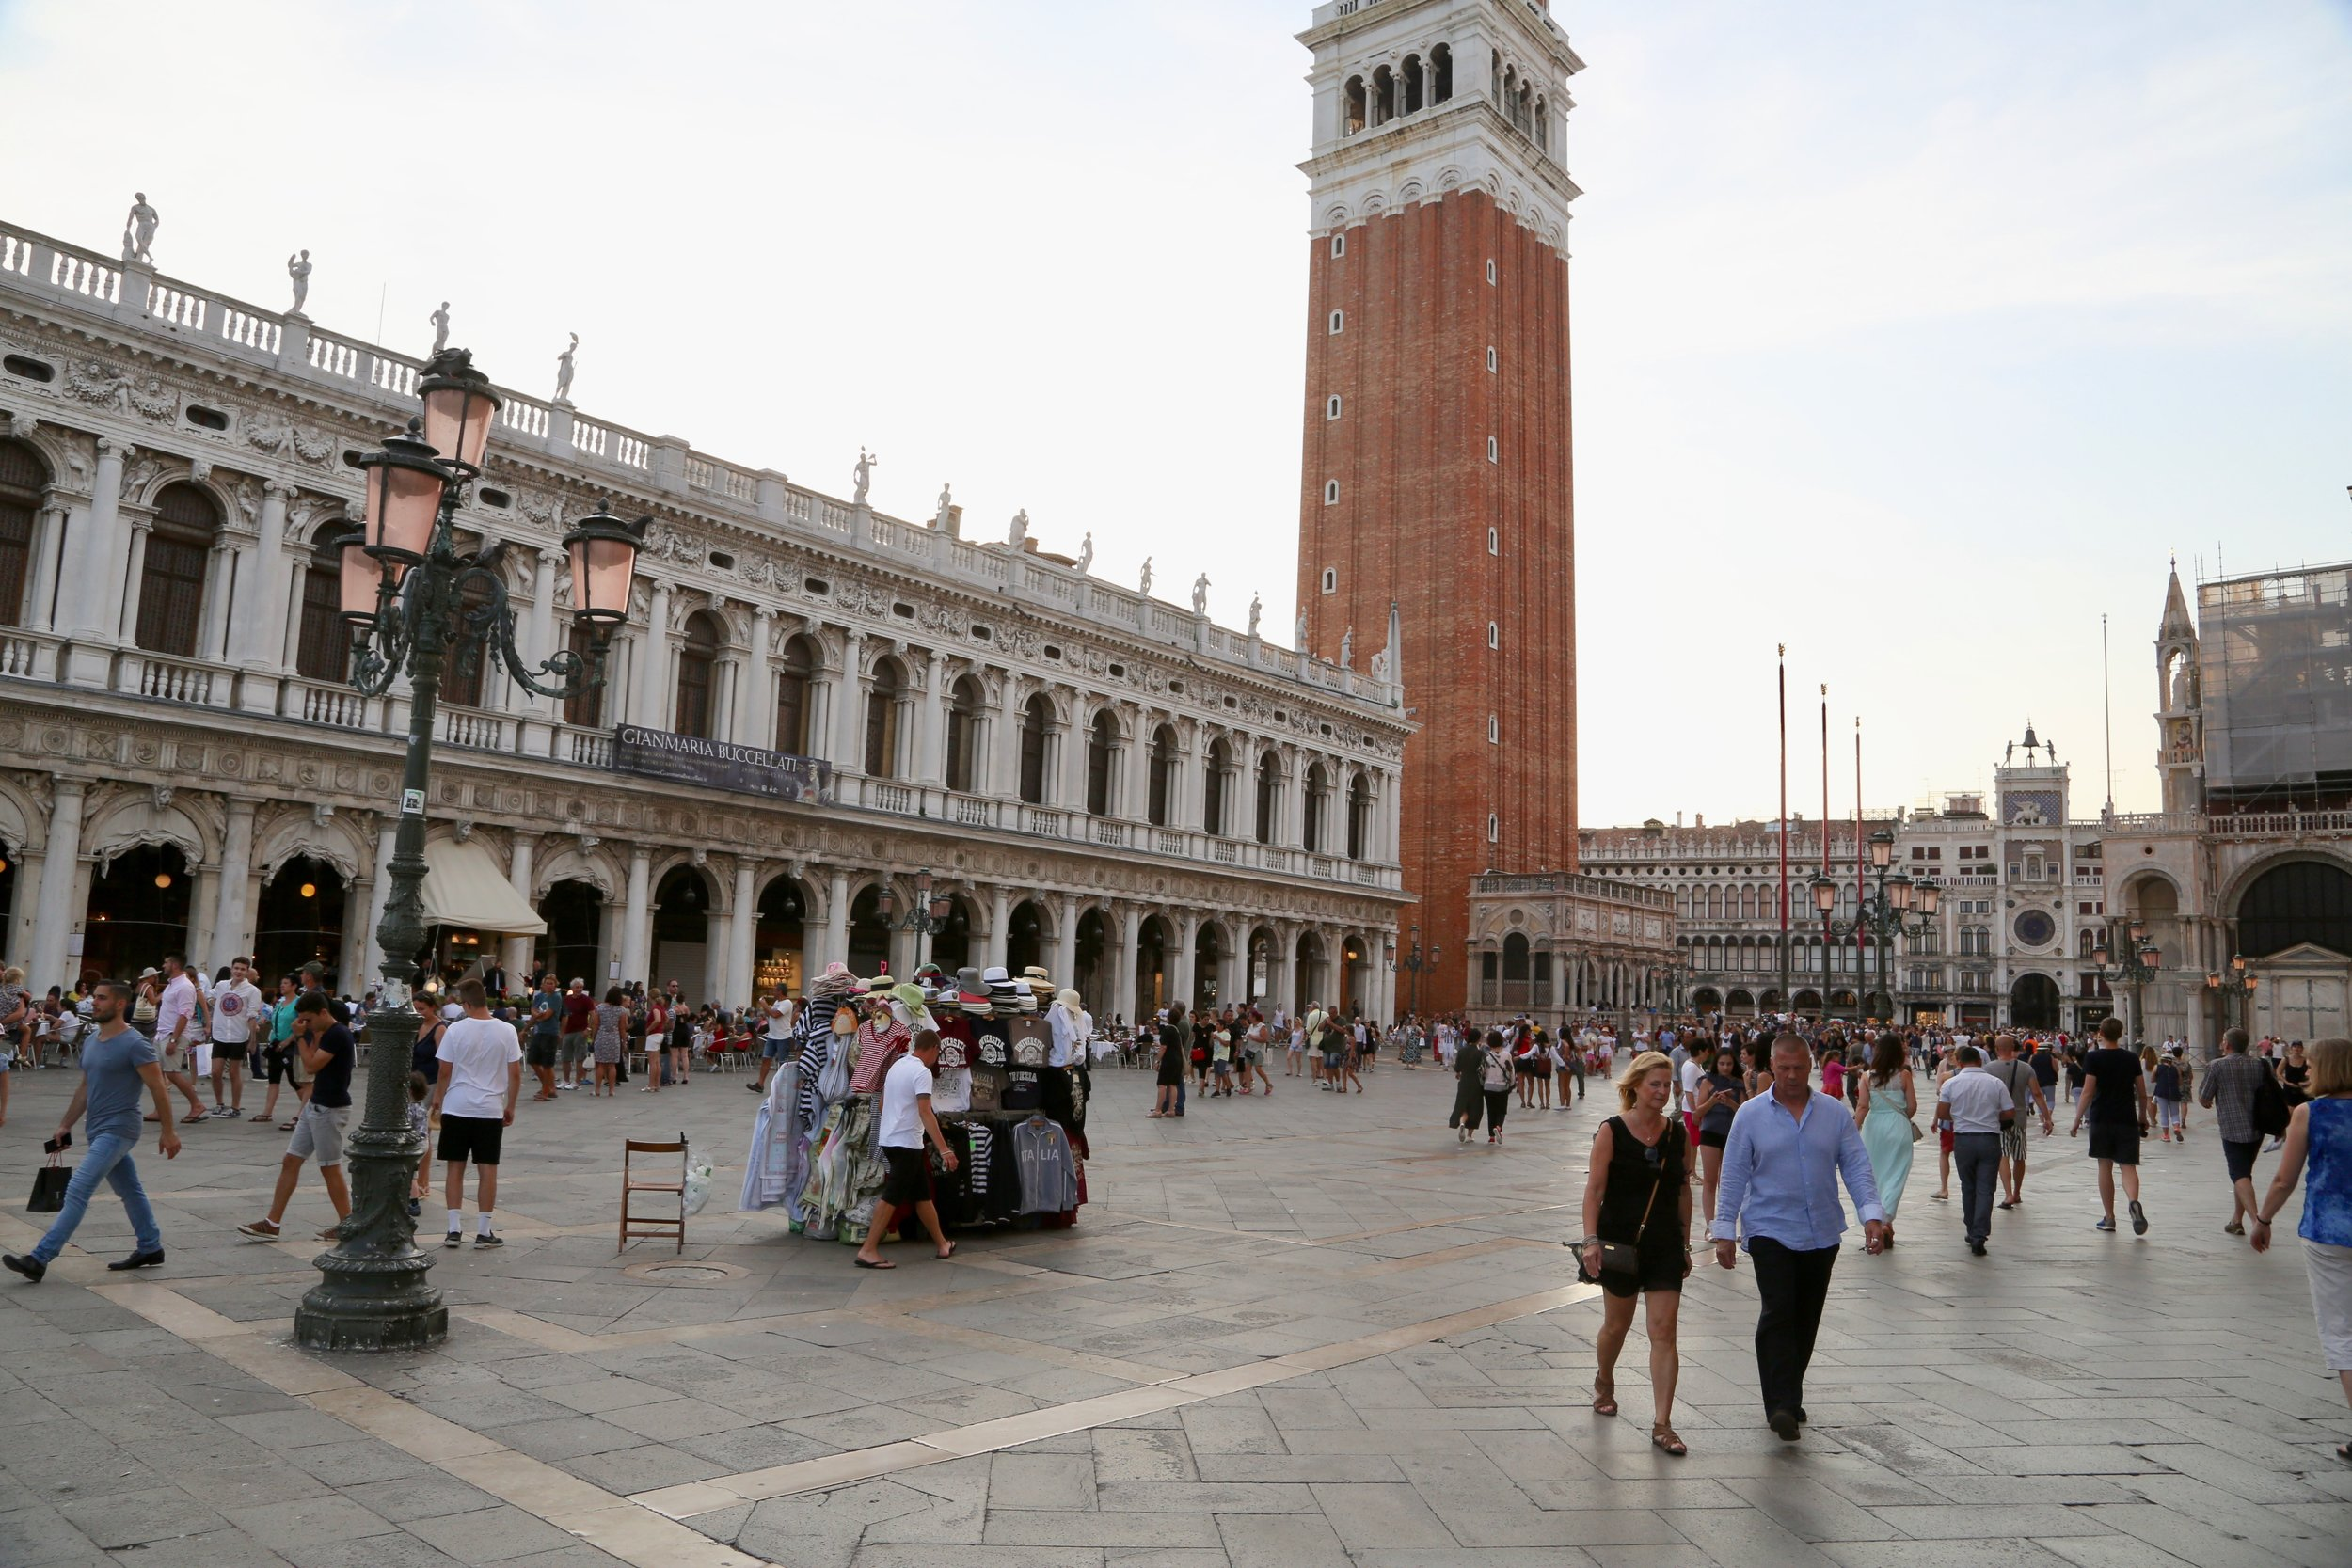 Det går mot en ny, krevende turistsesong i Venezia. Myndighetene vet ikke hvordan de skal stoppe overturismen.                                                                                                         Foto: Odd Roar Lange